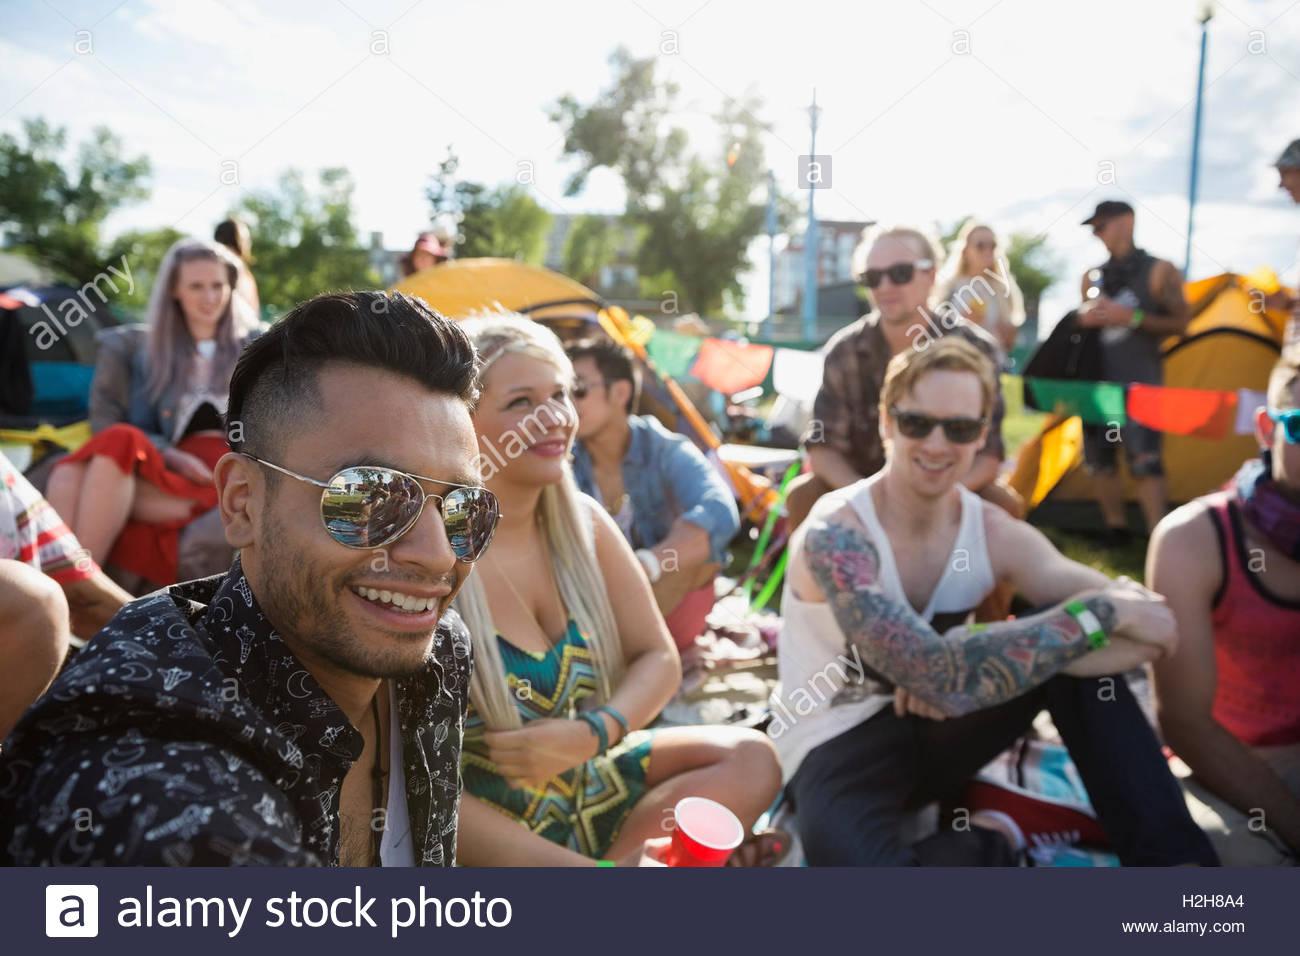 Ritratto certi giovani uomini godendo i festival estivi di musica Immagini Stock